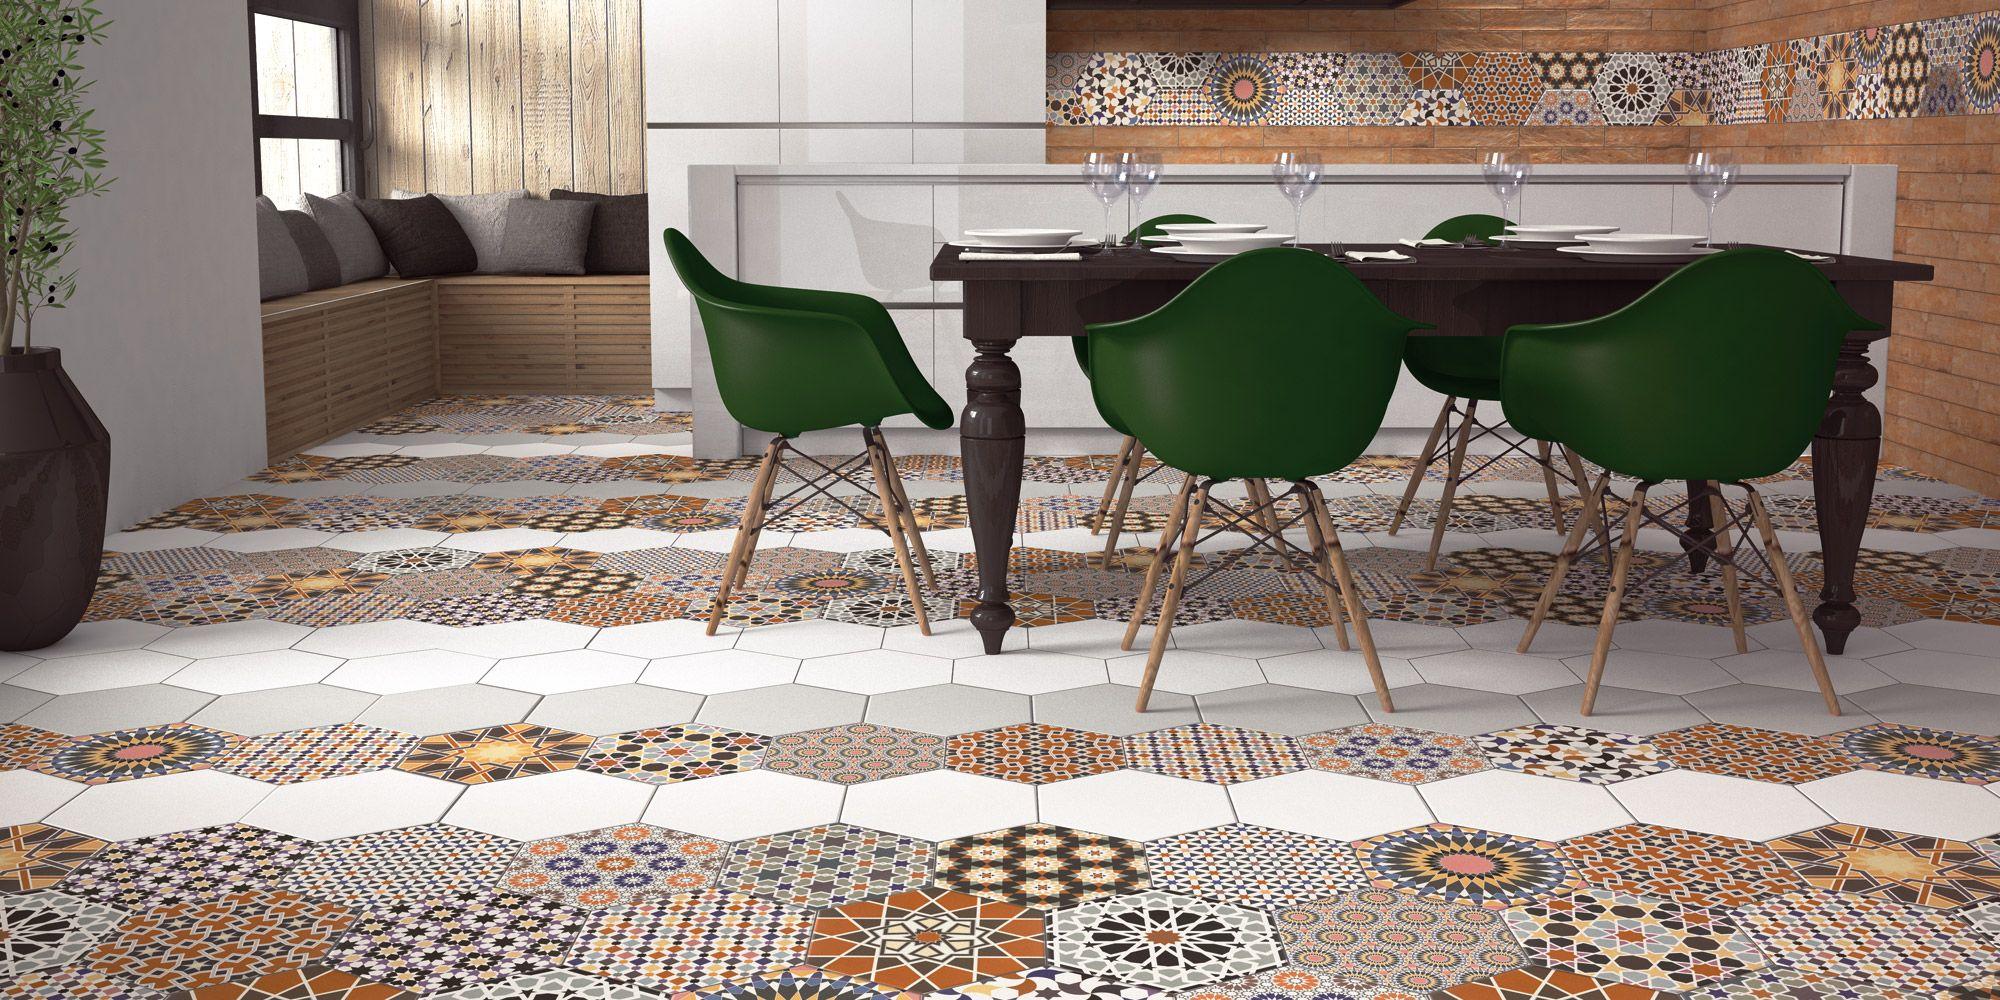 Modele De Carrelage Sol carrelage tomette décorée style ciment 33x28.5 andalusi mix - 1m²